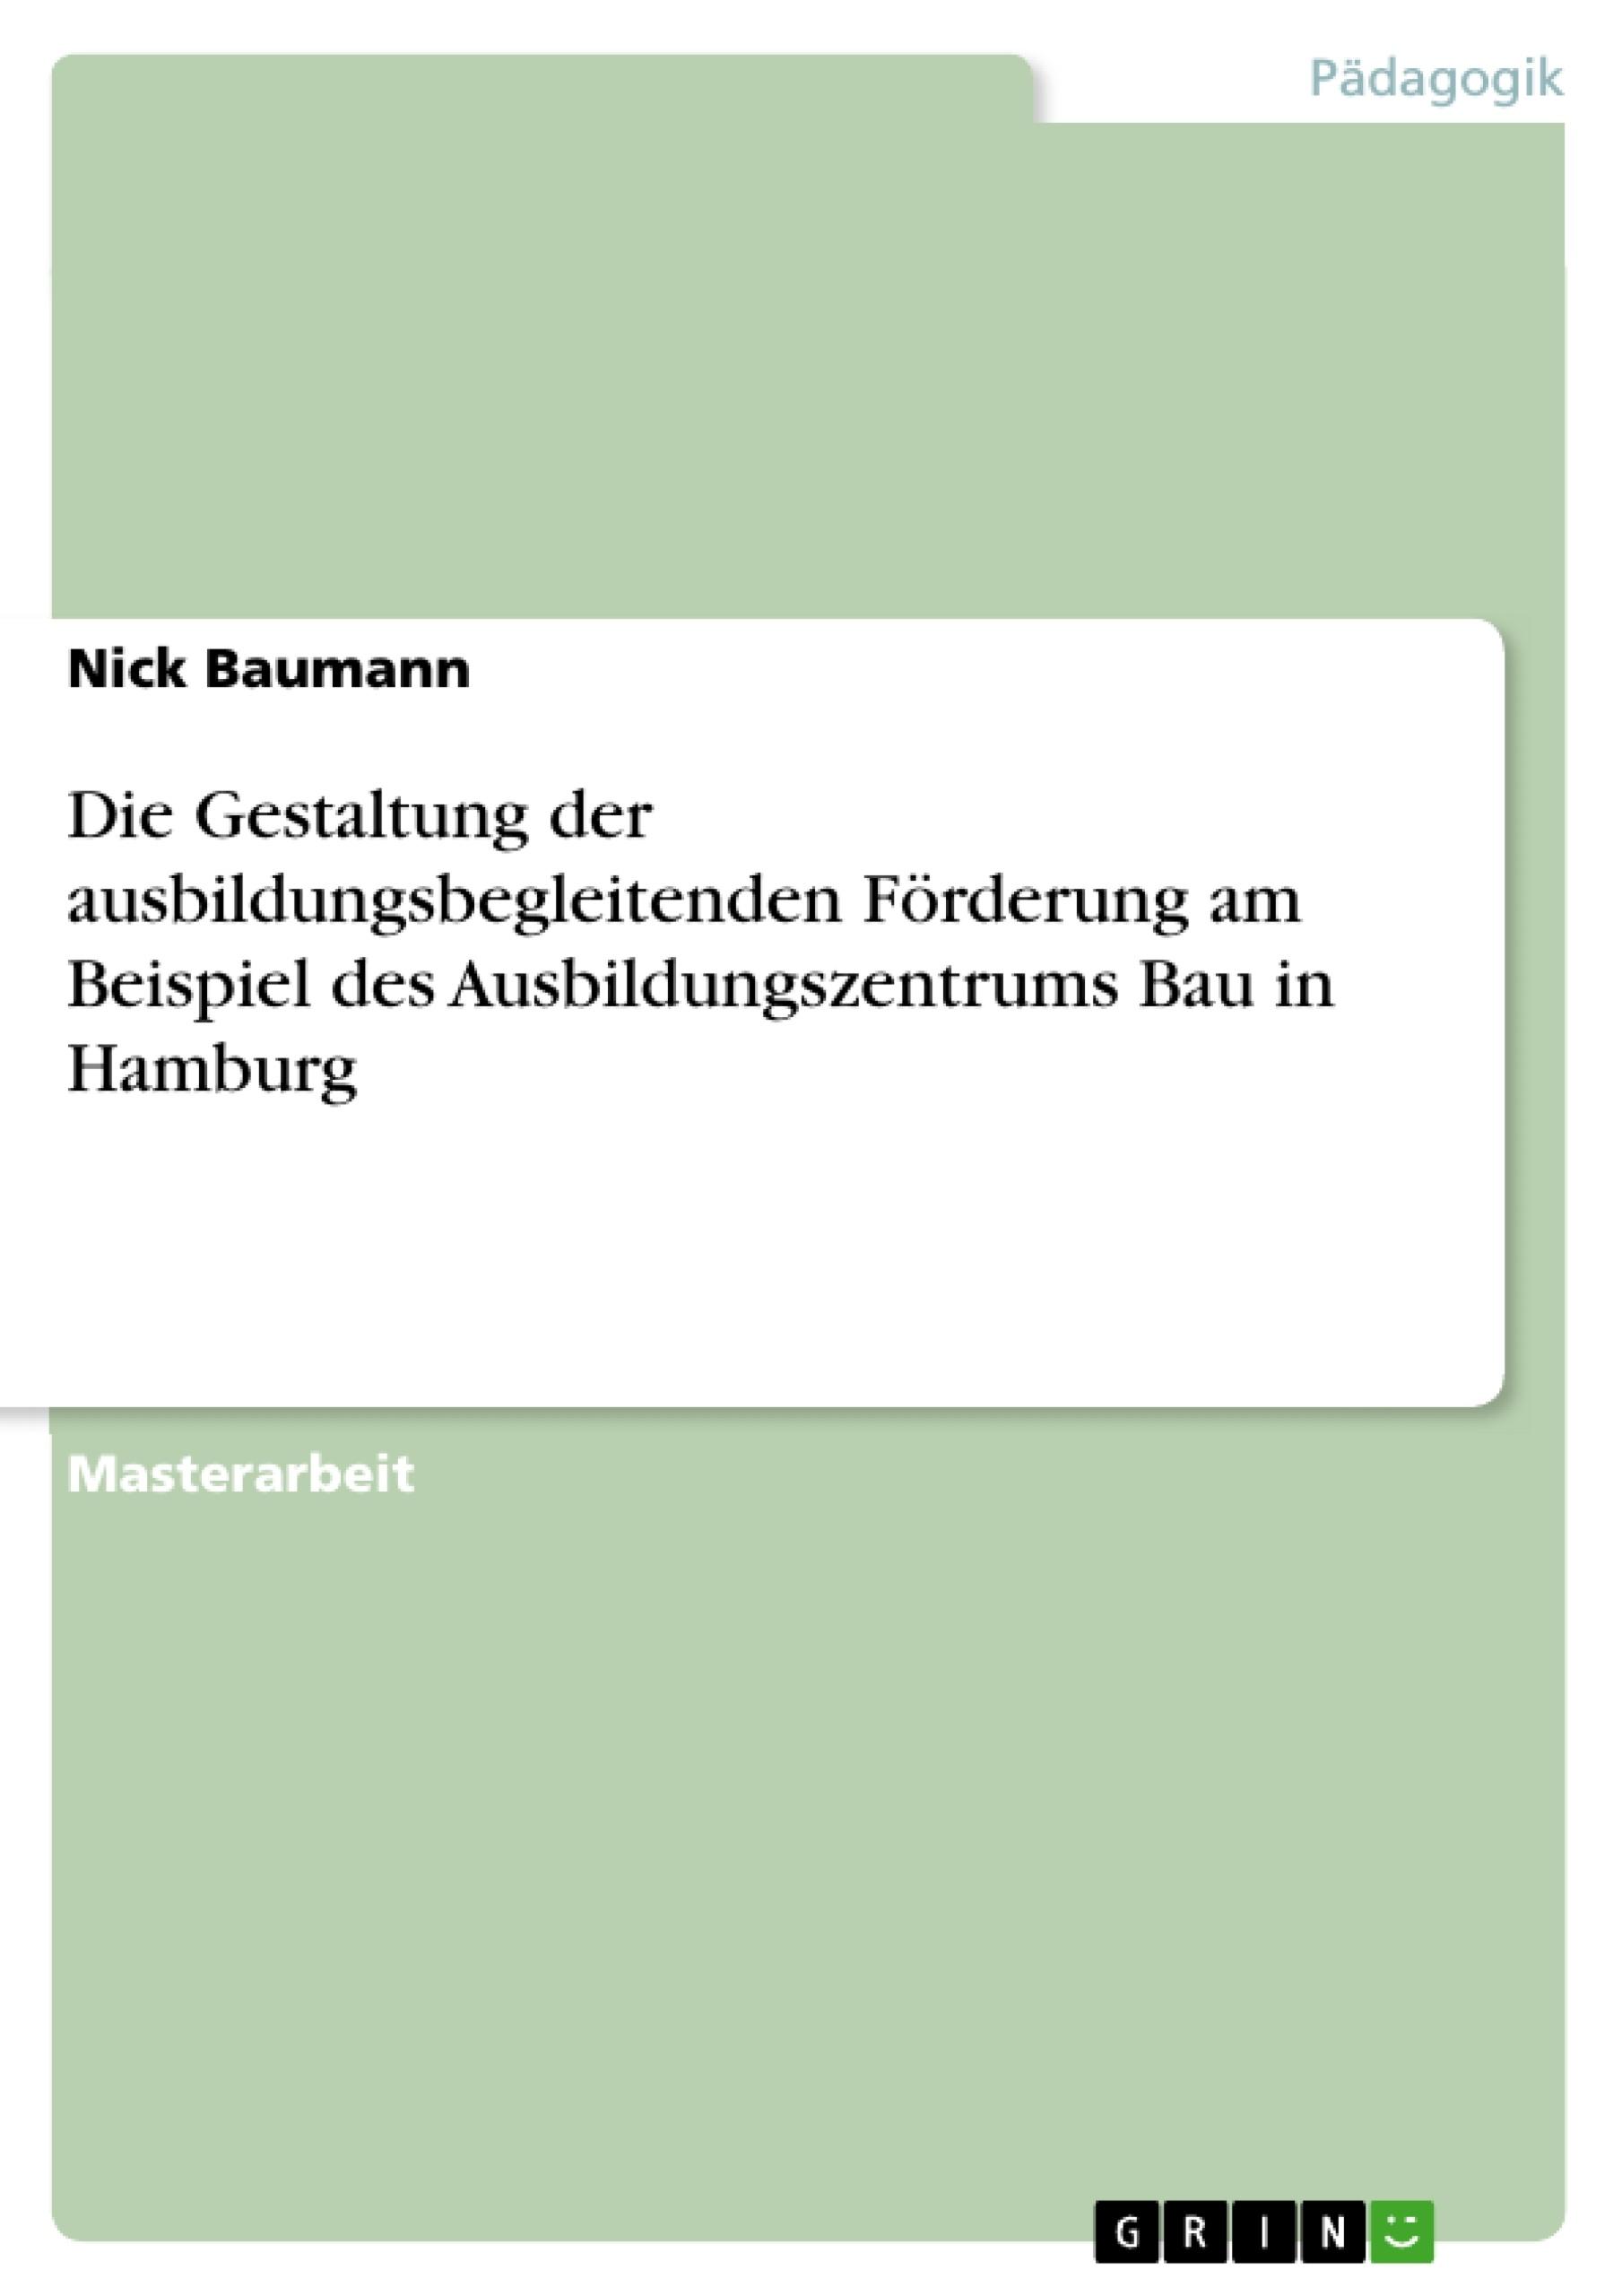 Titel: Die Gestaltung der ausbildungsbegleitenden Förderung am Beispiel des Ausbildungszentrums Bau in Hamburg